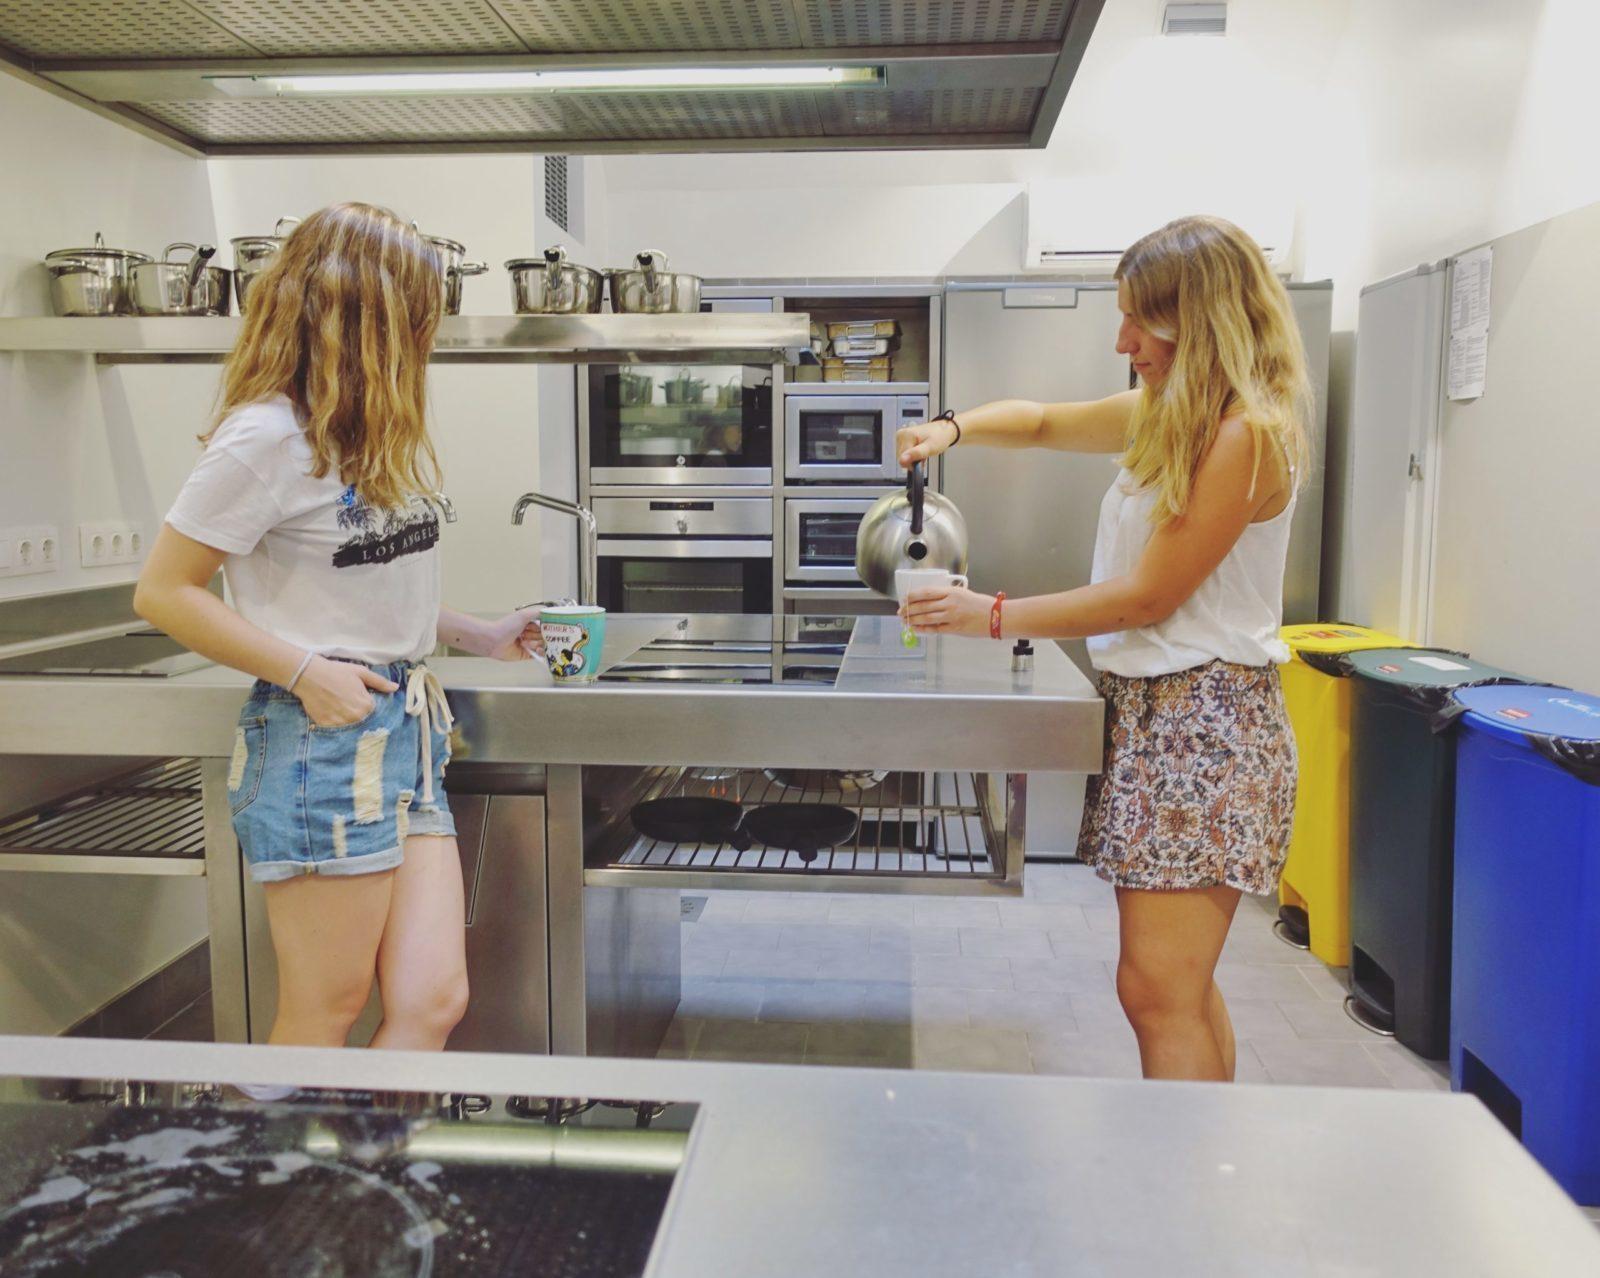 residències universitàries amb cuina a Barcelona